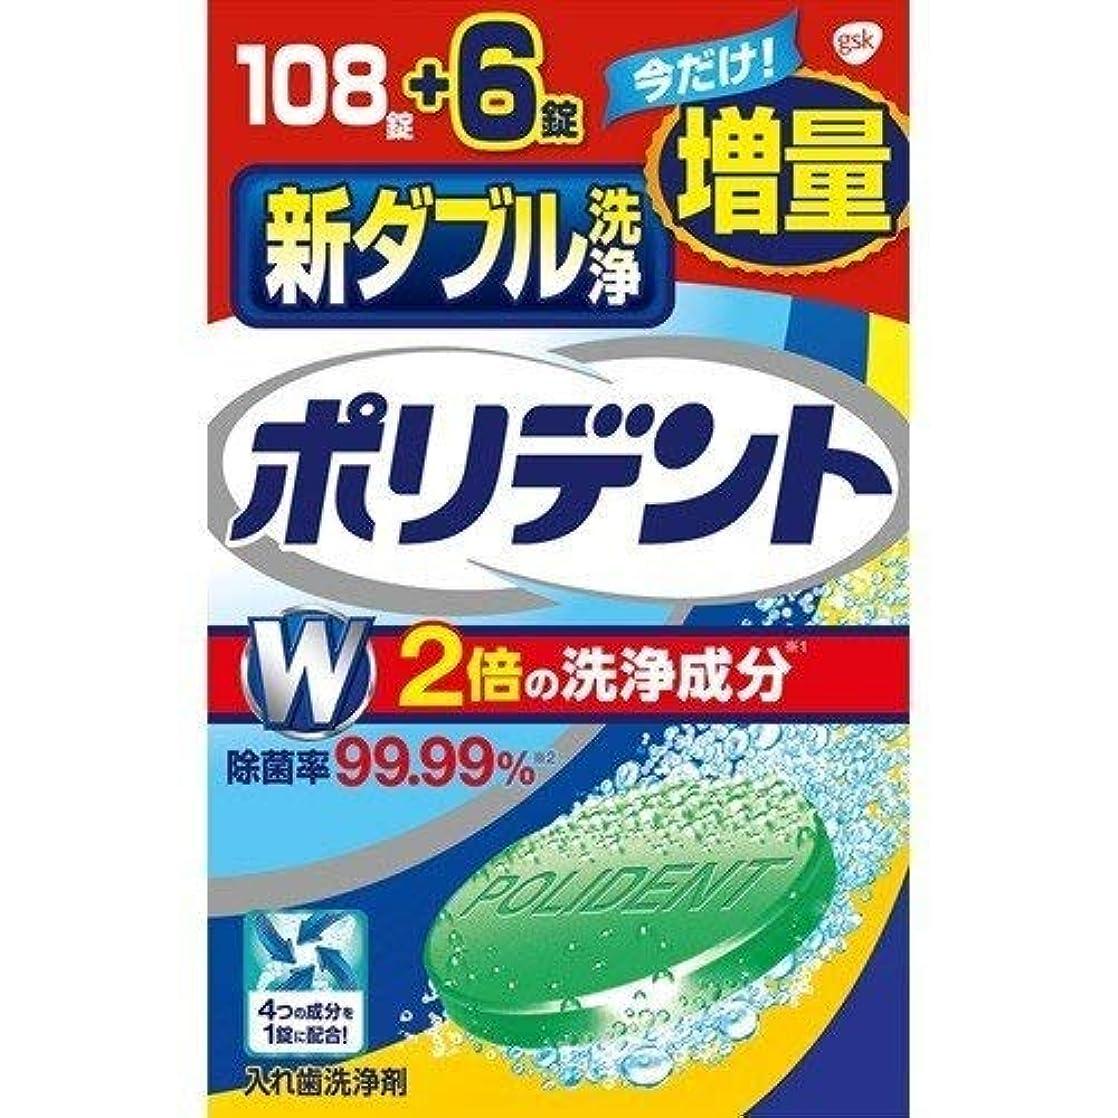 令状うめき声オリエント新ダブル洗浄ポリデント増量品108錠+6錠